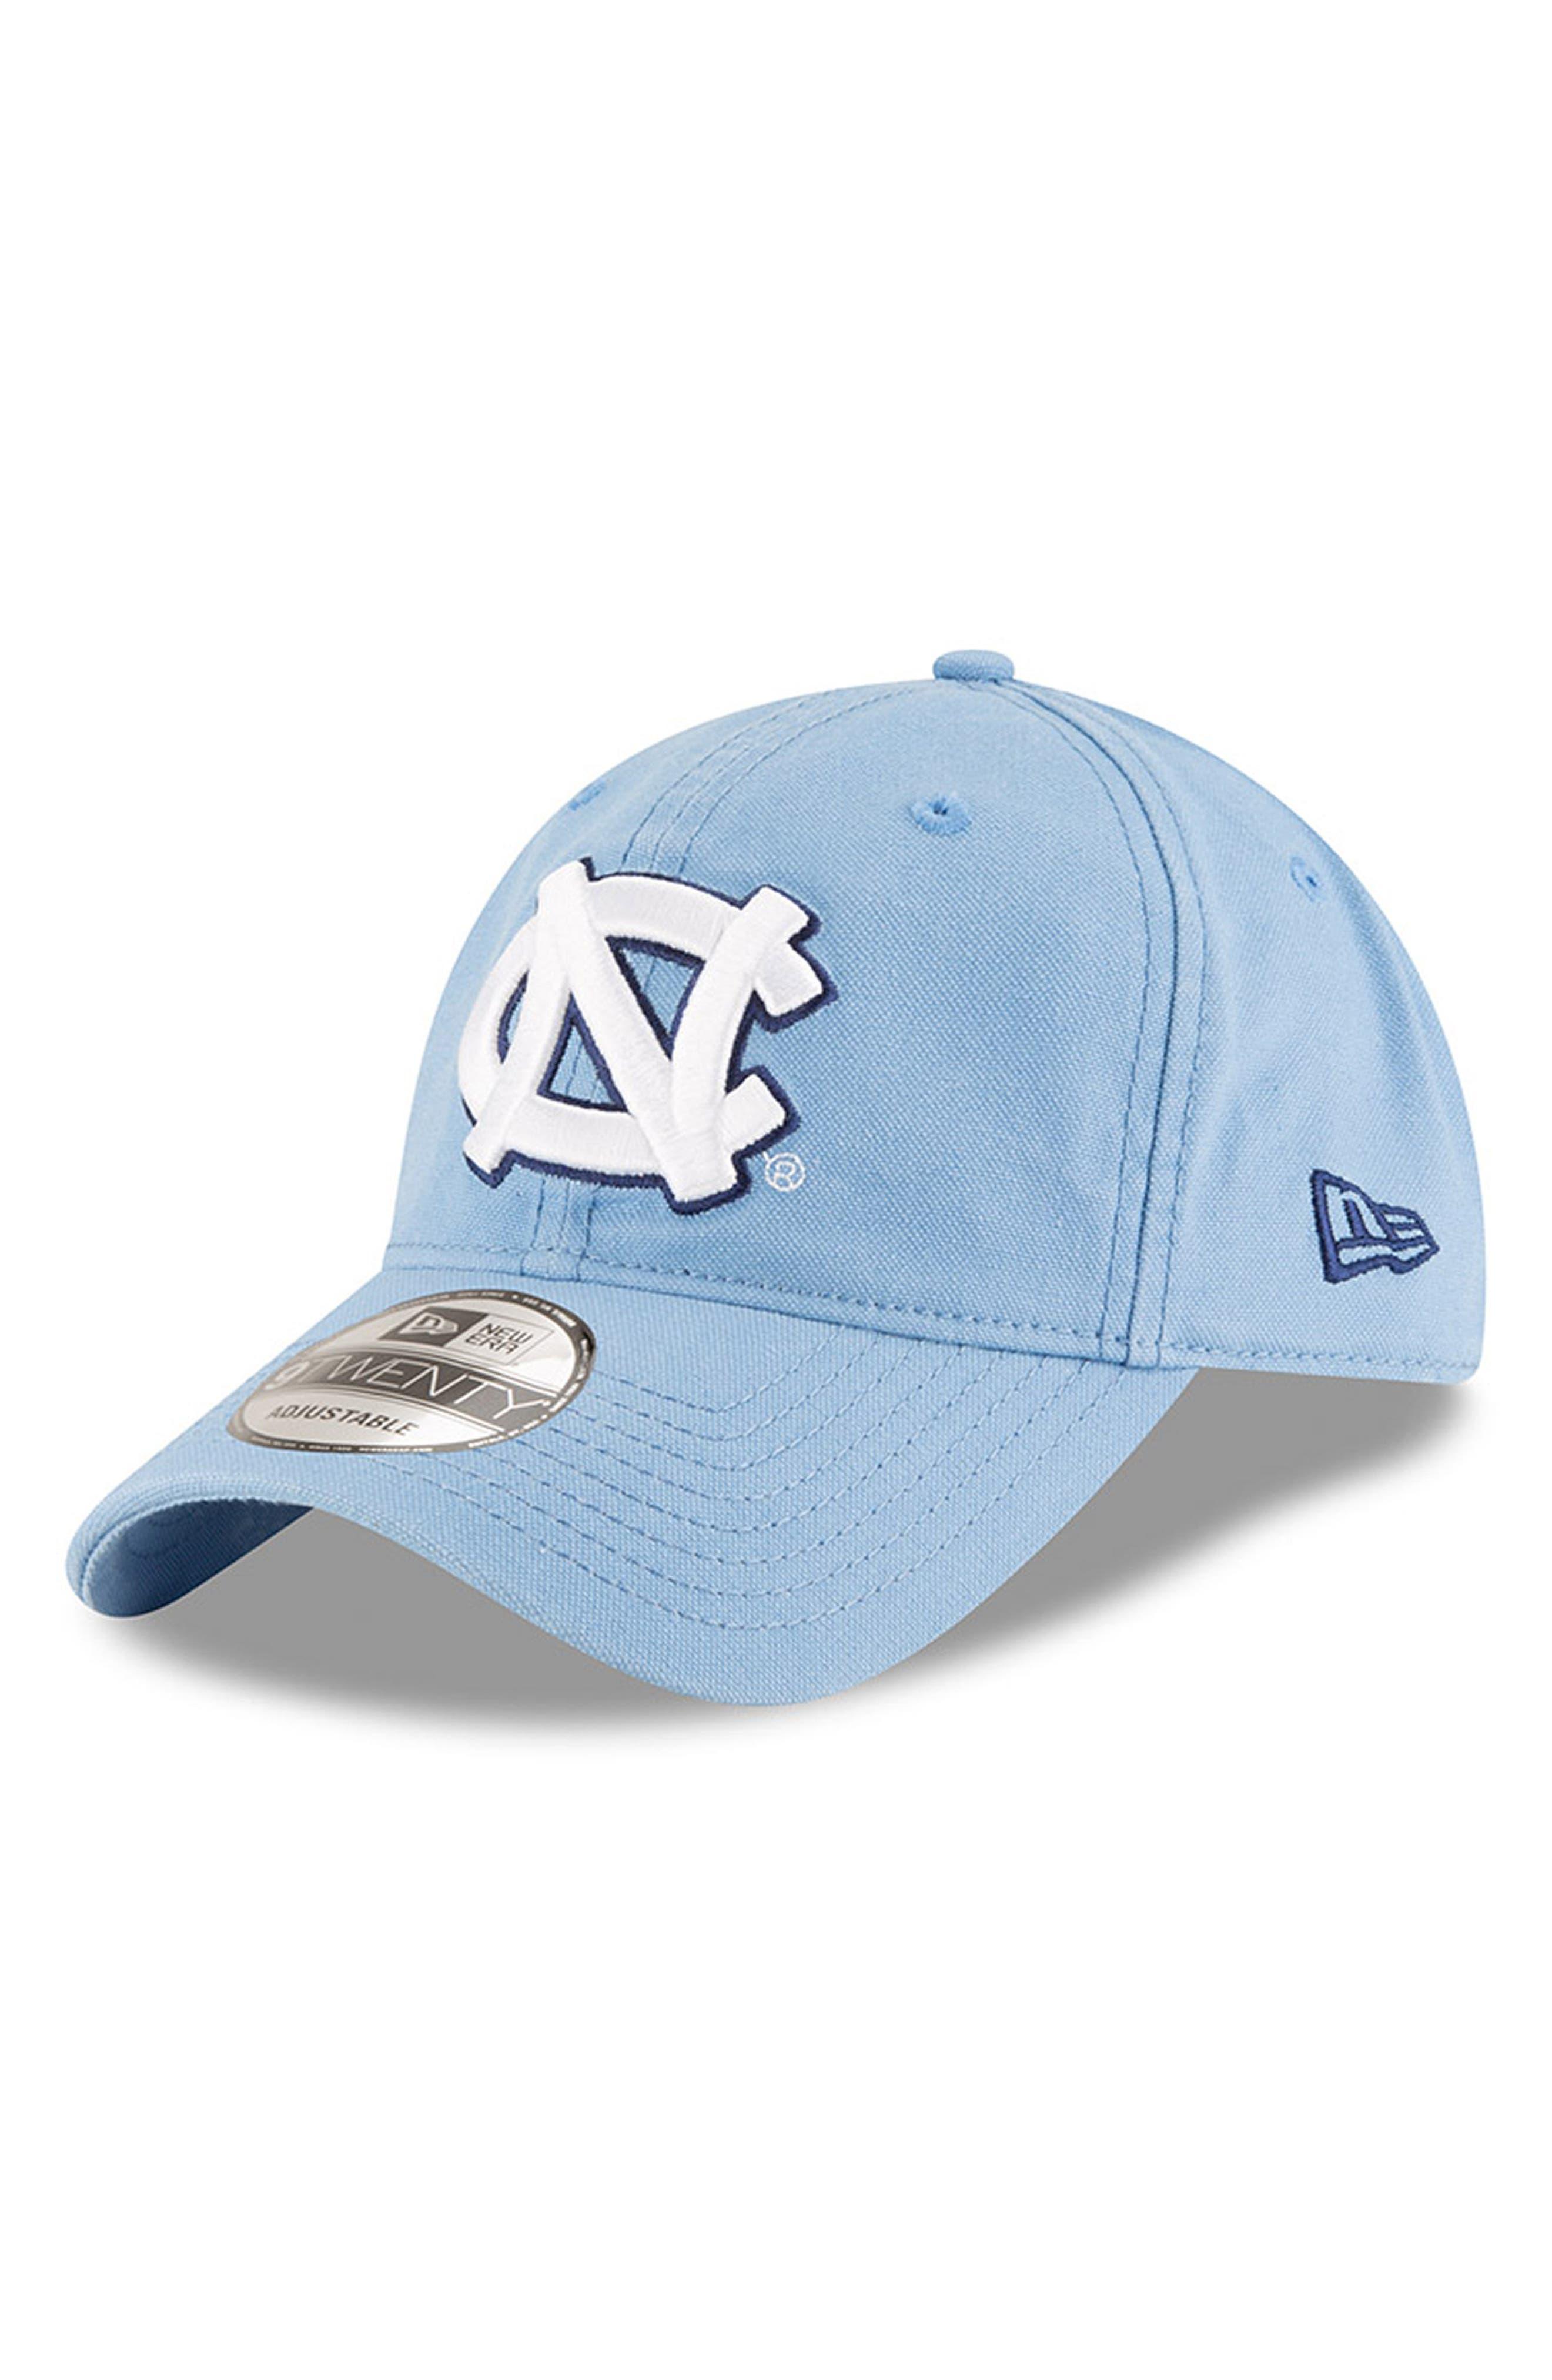 New Era Collegiate Core Classic - North Carolina Tar Heels Baseball Cap,                             Alternate thumbnail 3, color,                             North Carolina Tar Heels